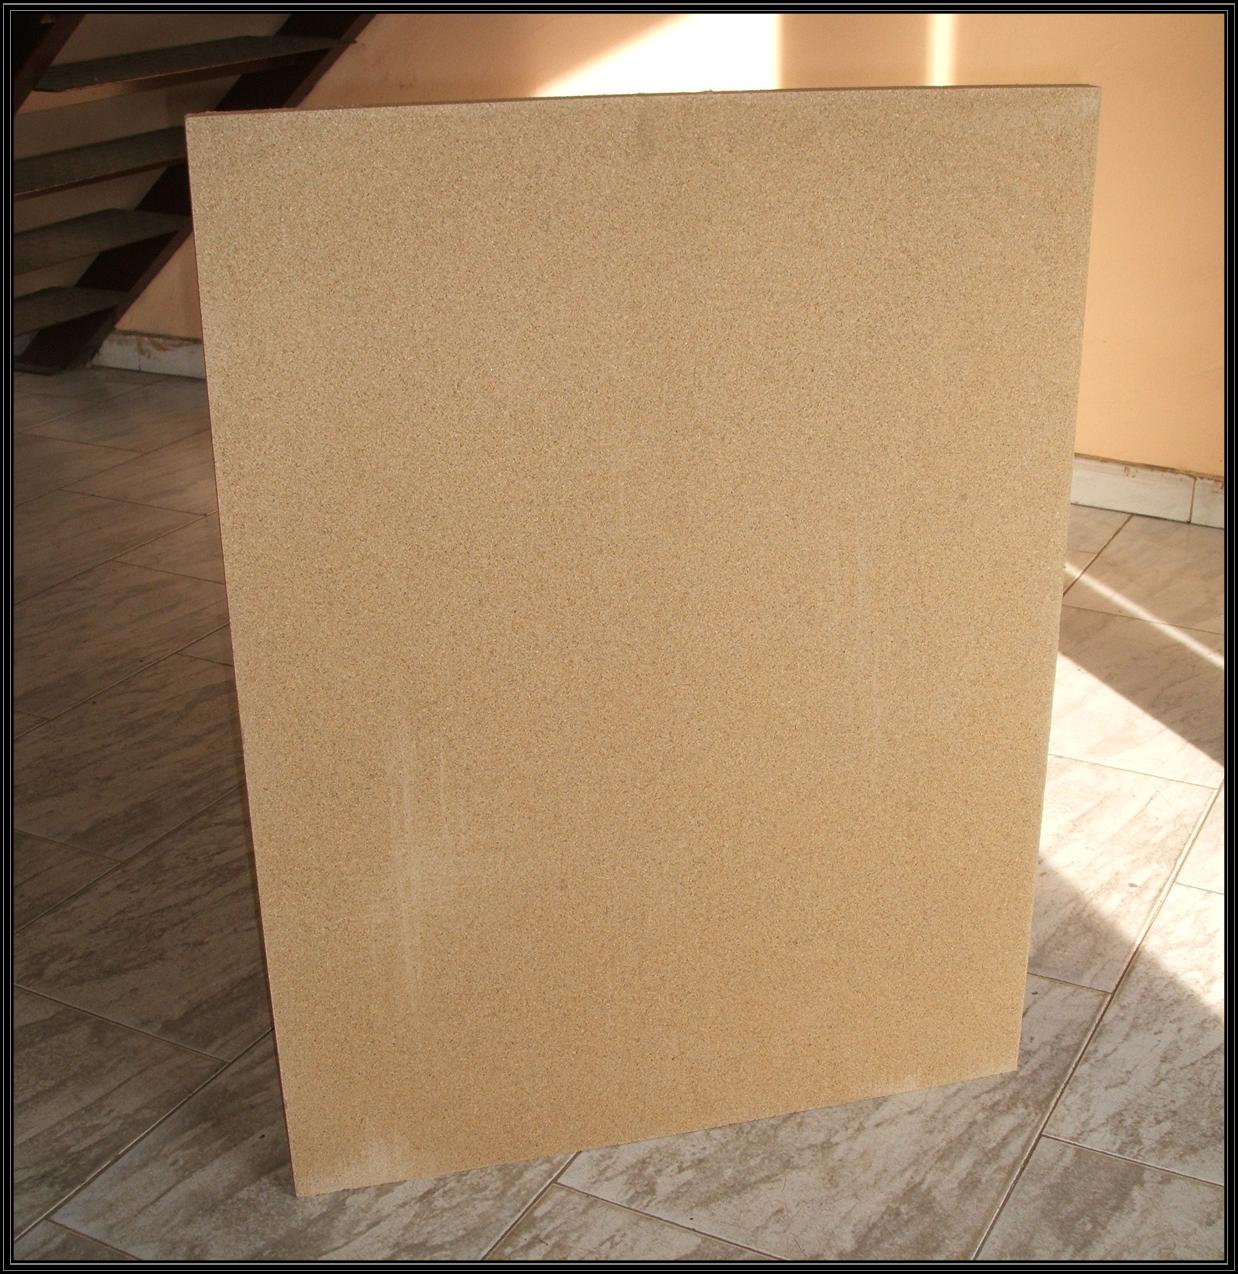 Chimeneas sierra placa de vermiculita - Placas decorativas para pared interior ...